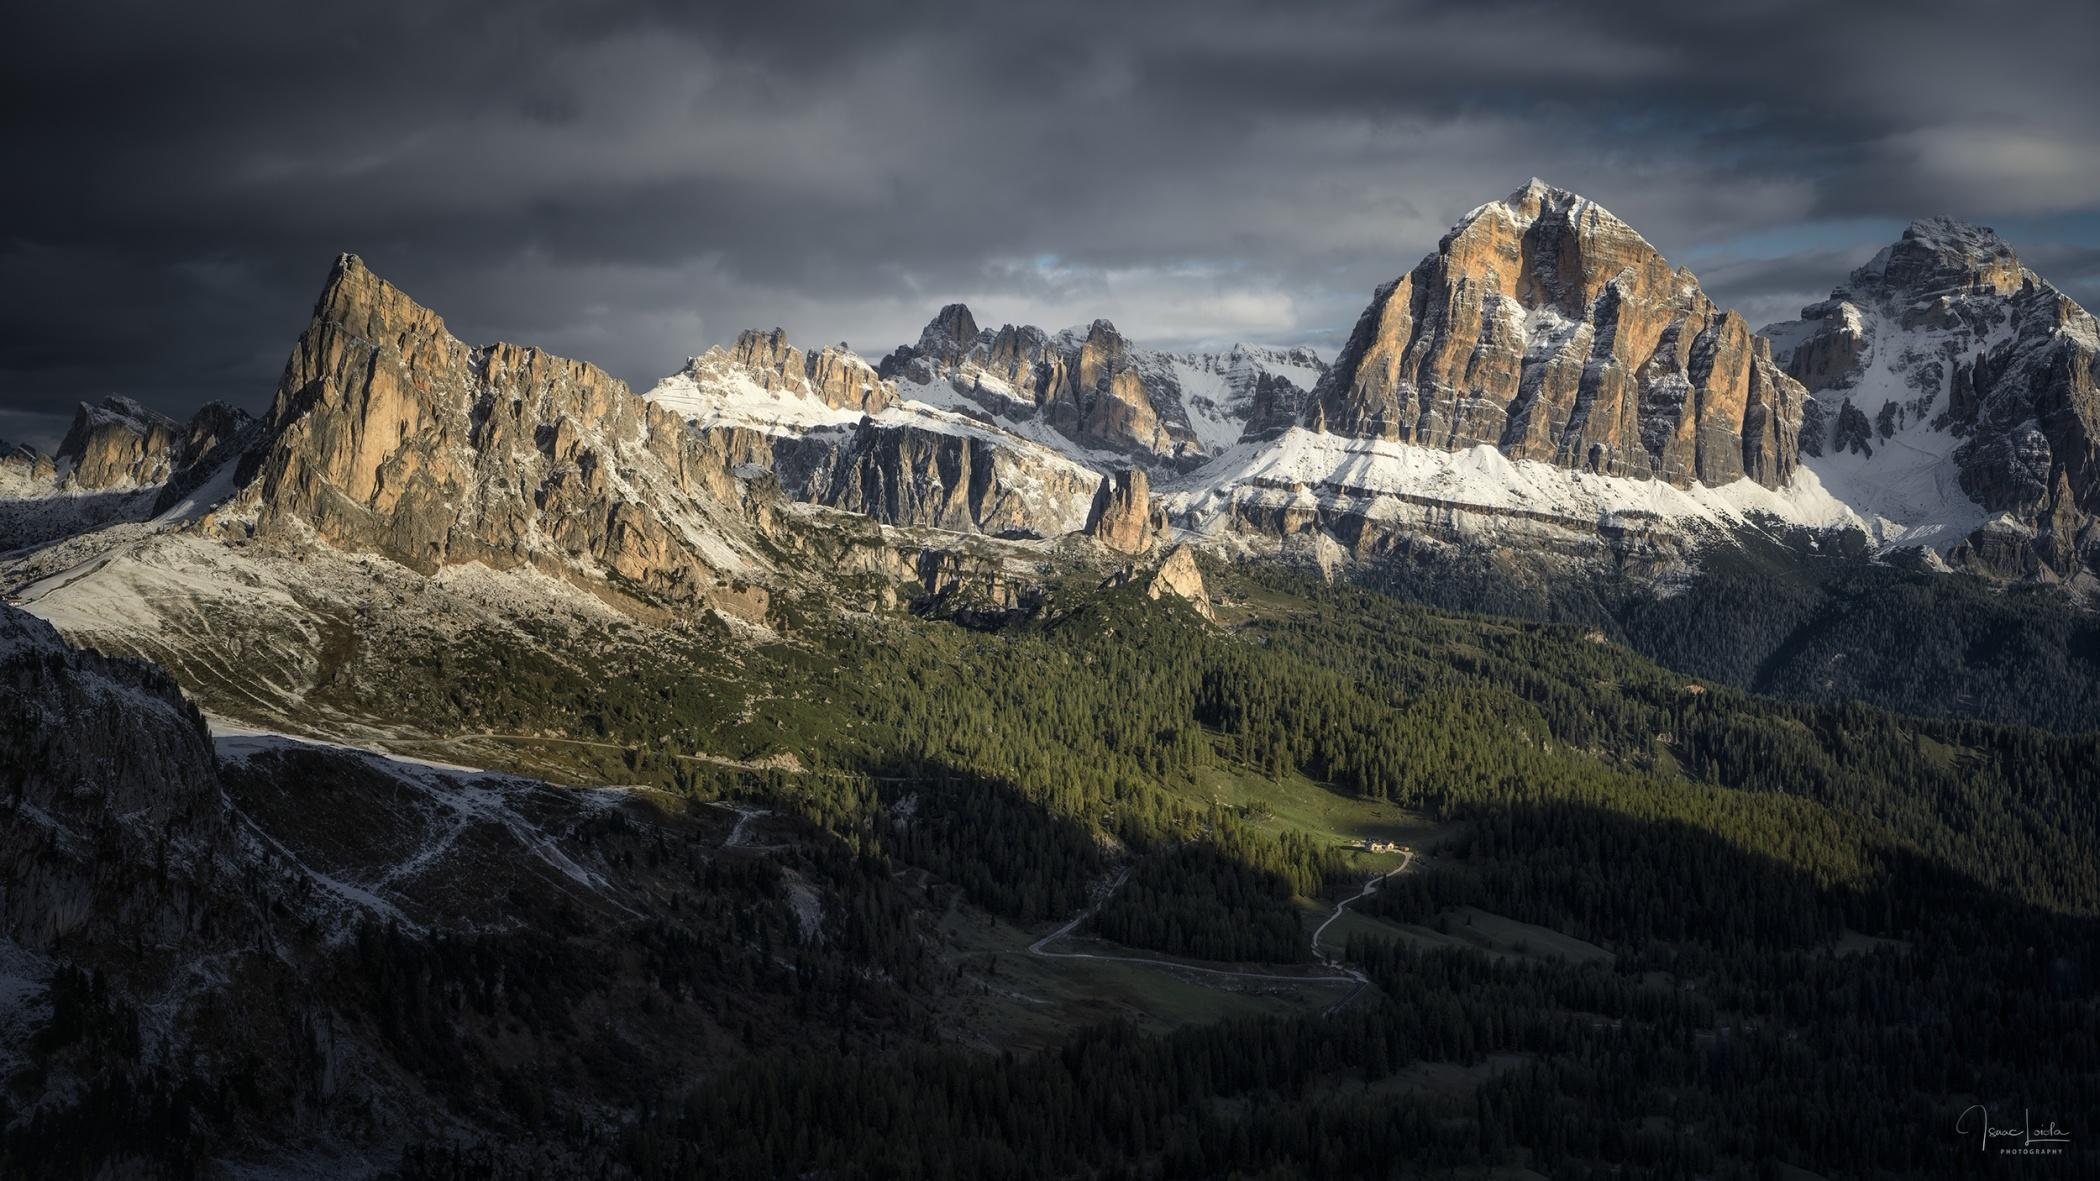 Lagazuoi y las Tofanas  - Luces de montaña - Isaac Loiola, Photography